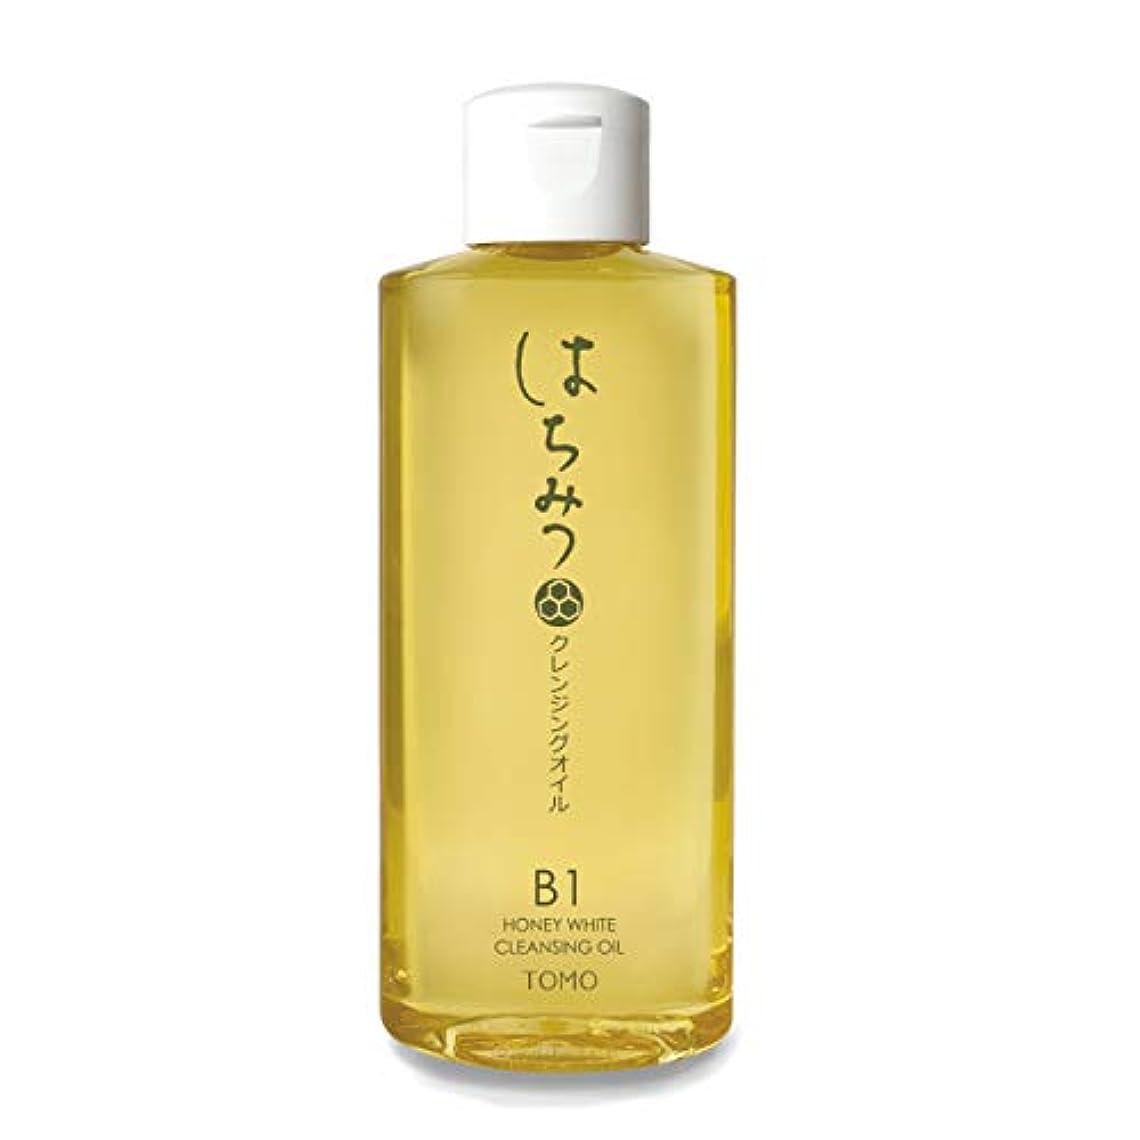 対象厄介な浸す低刺激 ロイヤルゼリーエキス配合 50%以上がオリーブオイル 洗い流すタイプのクレンジング クレンジングオイルB1 150ml